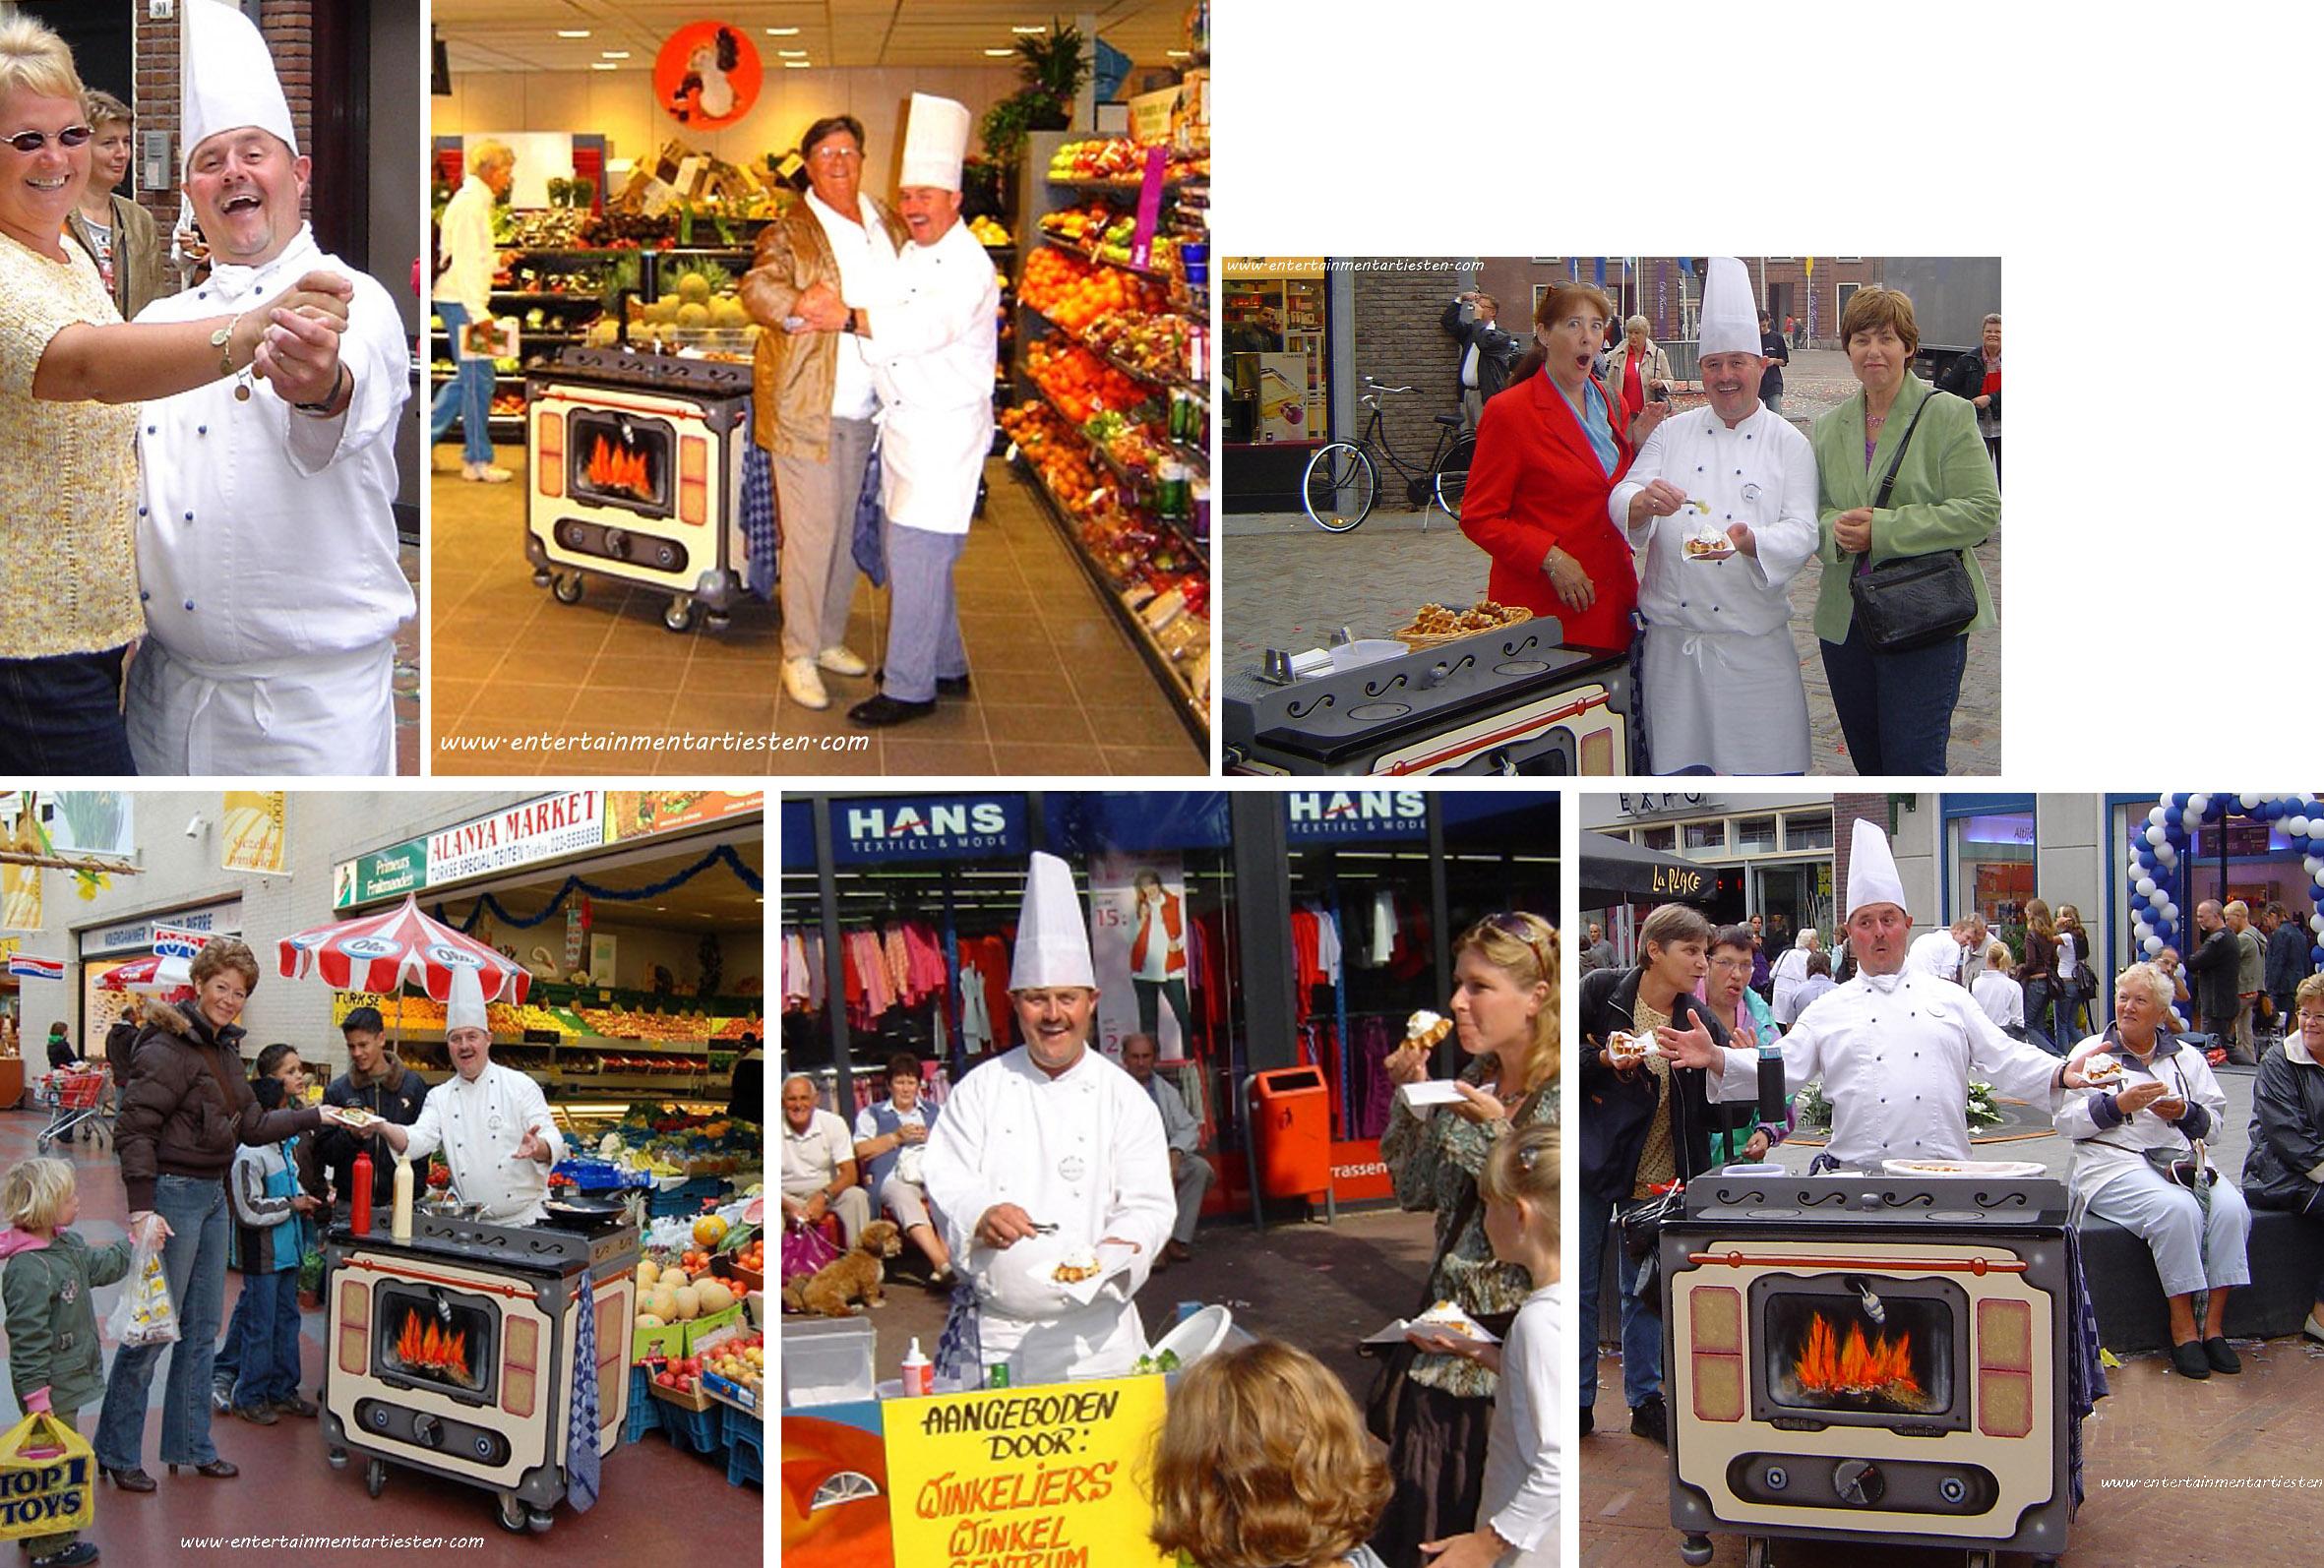 Voor een dansje verstrekt deze kok een heerlijke slagroomwafel, Culinair Entertainment & Cateringacts, horeca acts, horeca entertainment, theater, straattheater, themafeest, artiestenbureau, artiesten boeken, beurs en promotie acts, culinaire act, Govers Evenementen, www.goversartiesten.nl